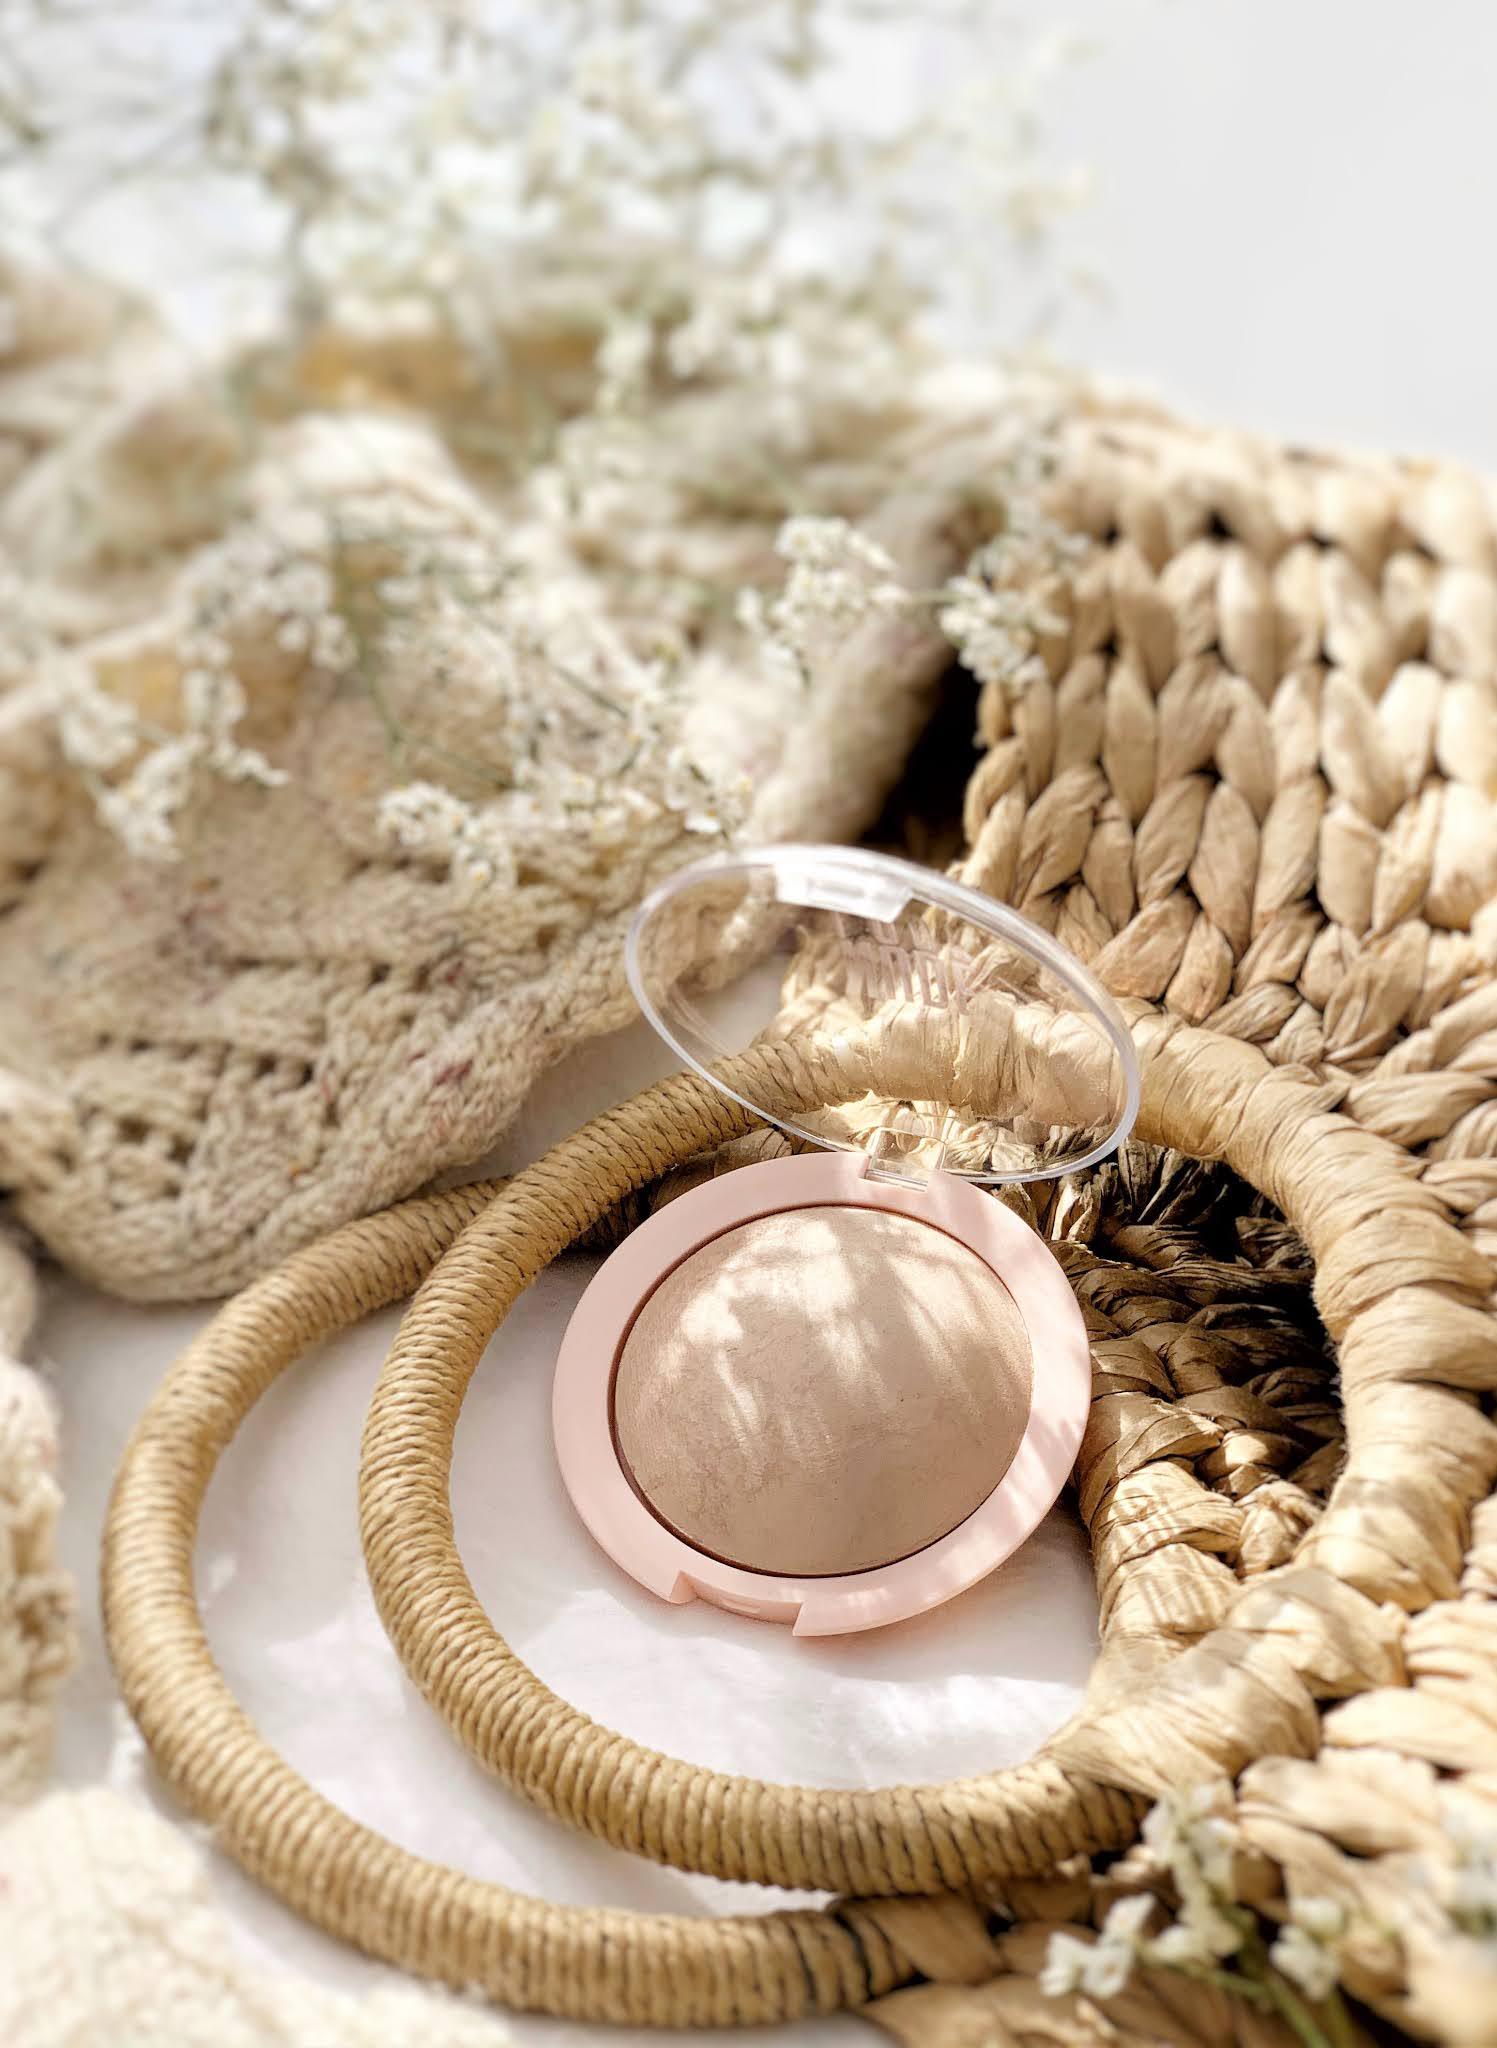 Wypiekany-puder-rozswietlajacy-Golden-Rose-Nude-Look-Sheer-Baked-Powder